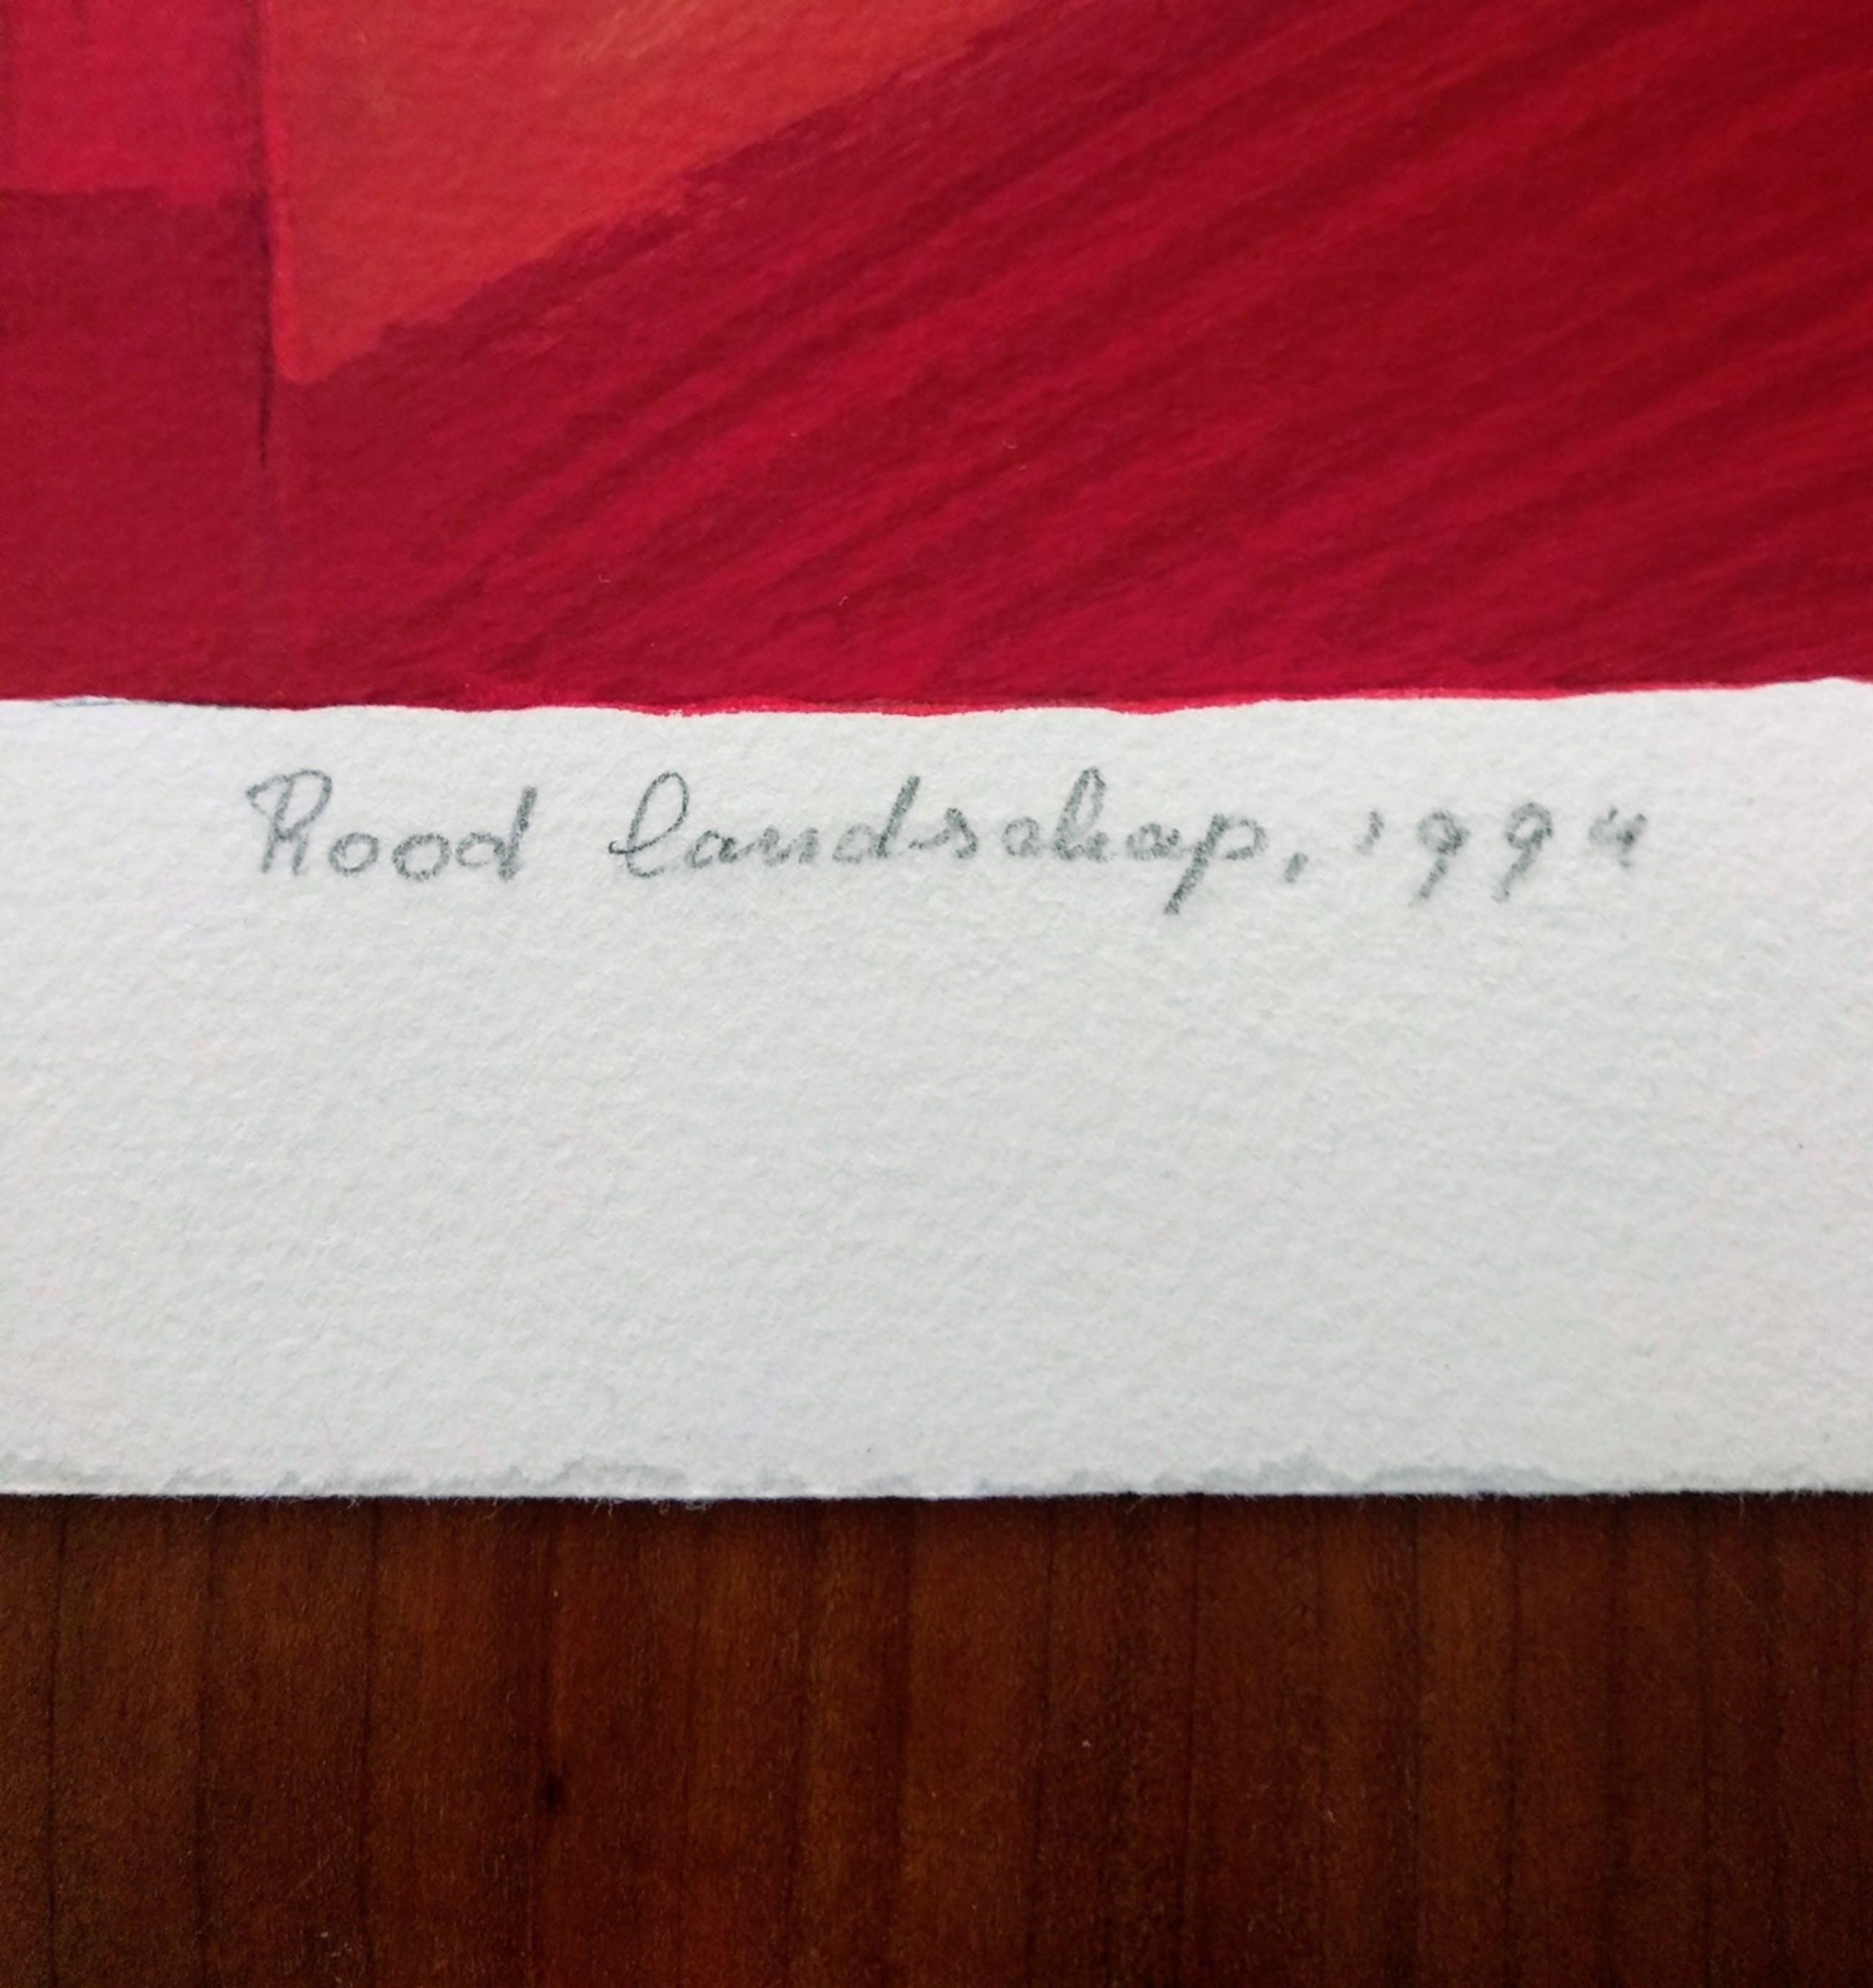 Ton Schulten - Rood landschap, 1994 kopen? Bied vanaf 375!